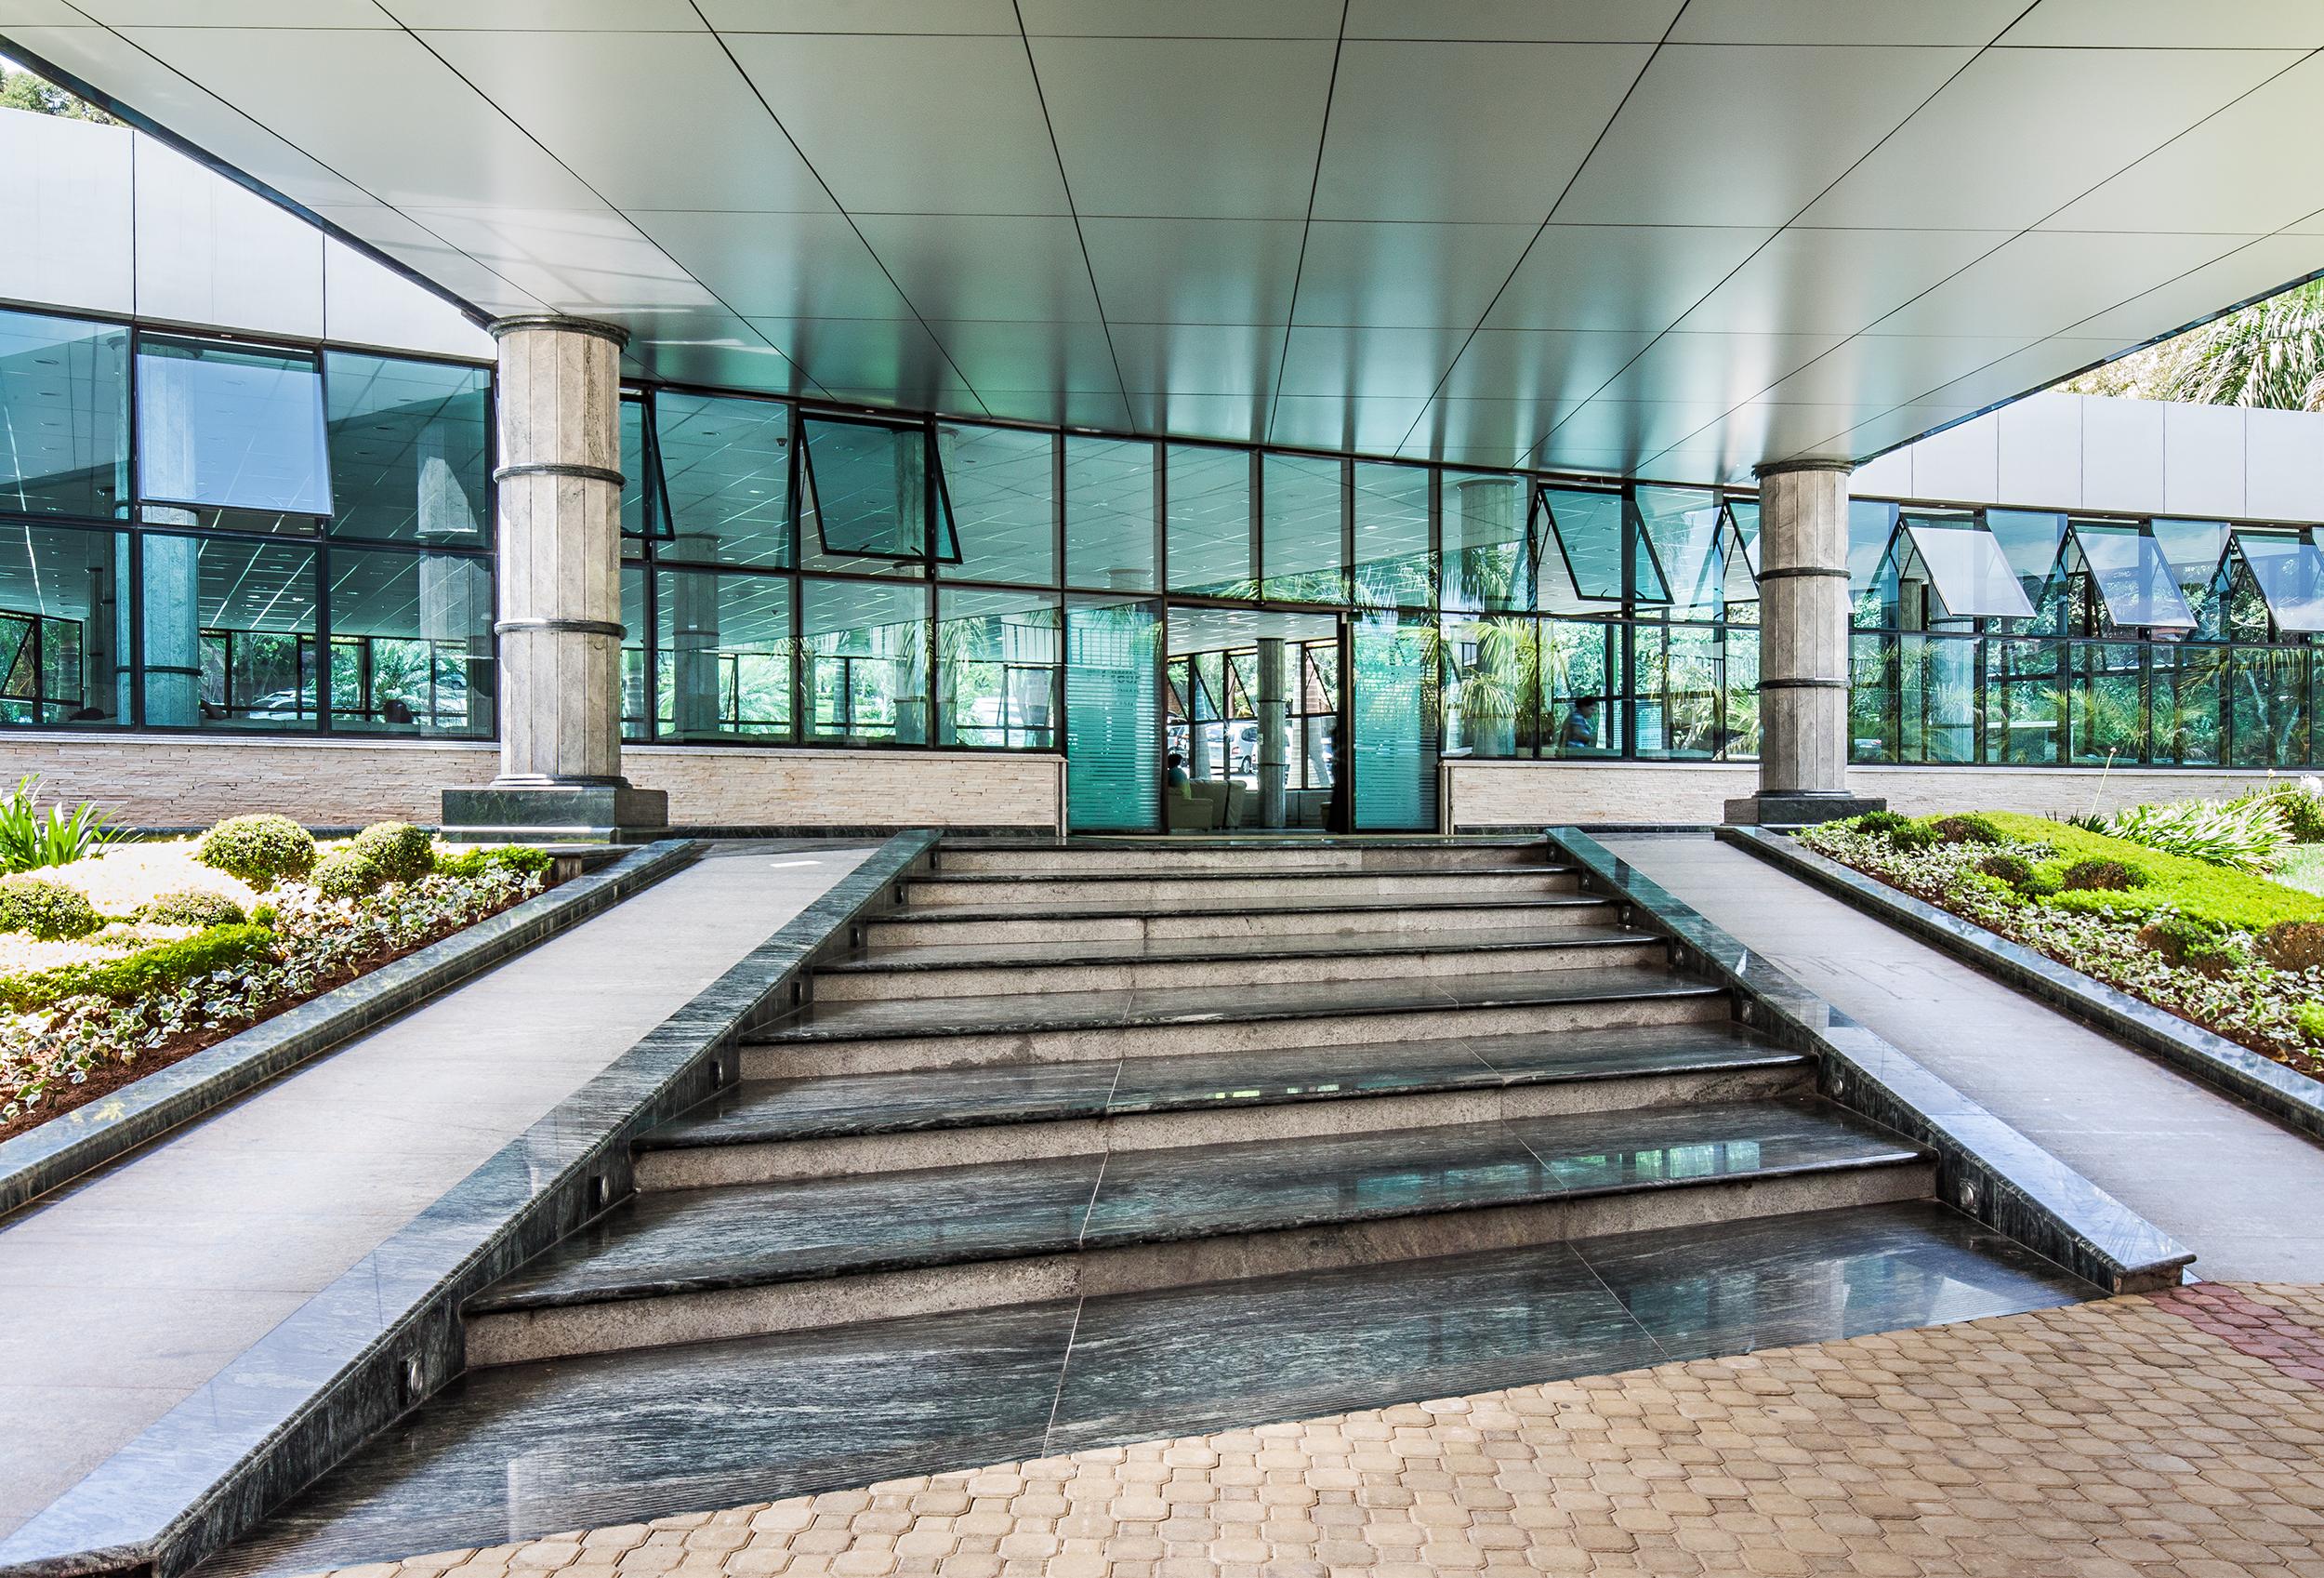 fotografia-de-arquitetura-exteriores-04.jpg